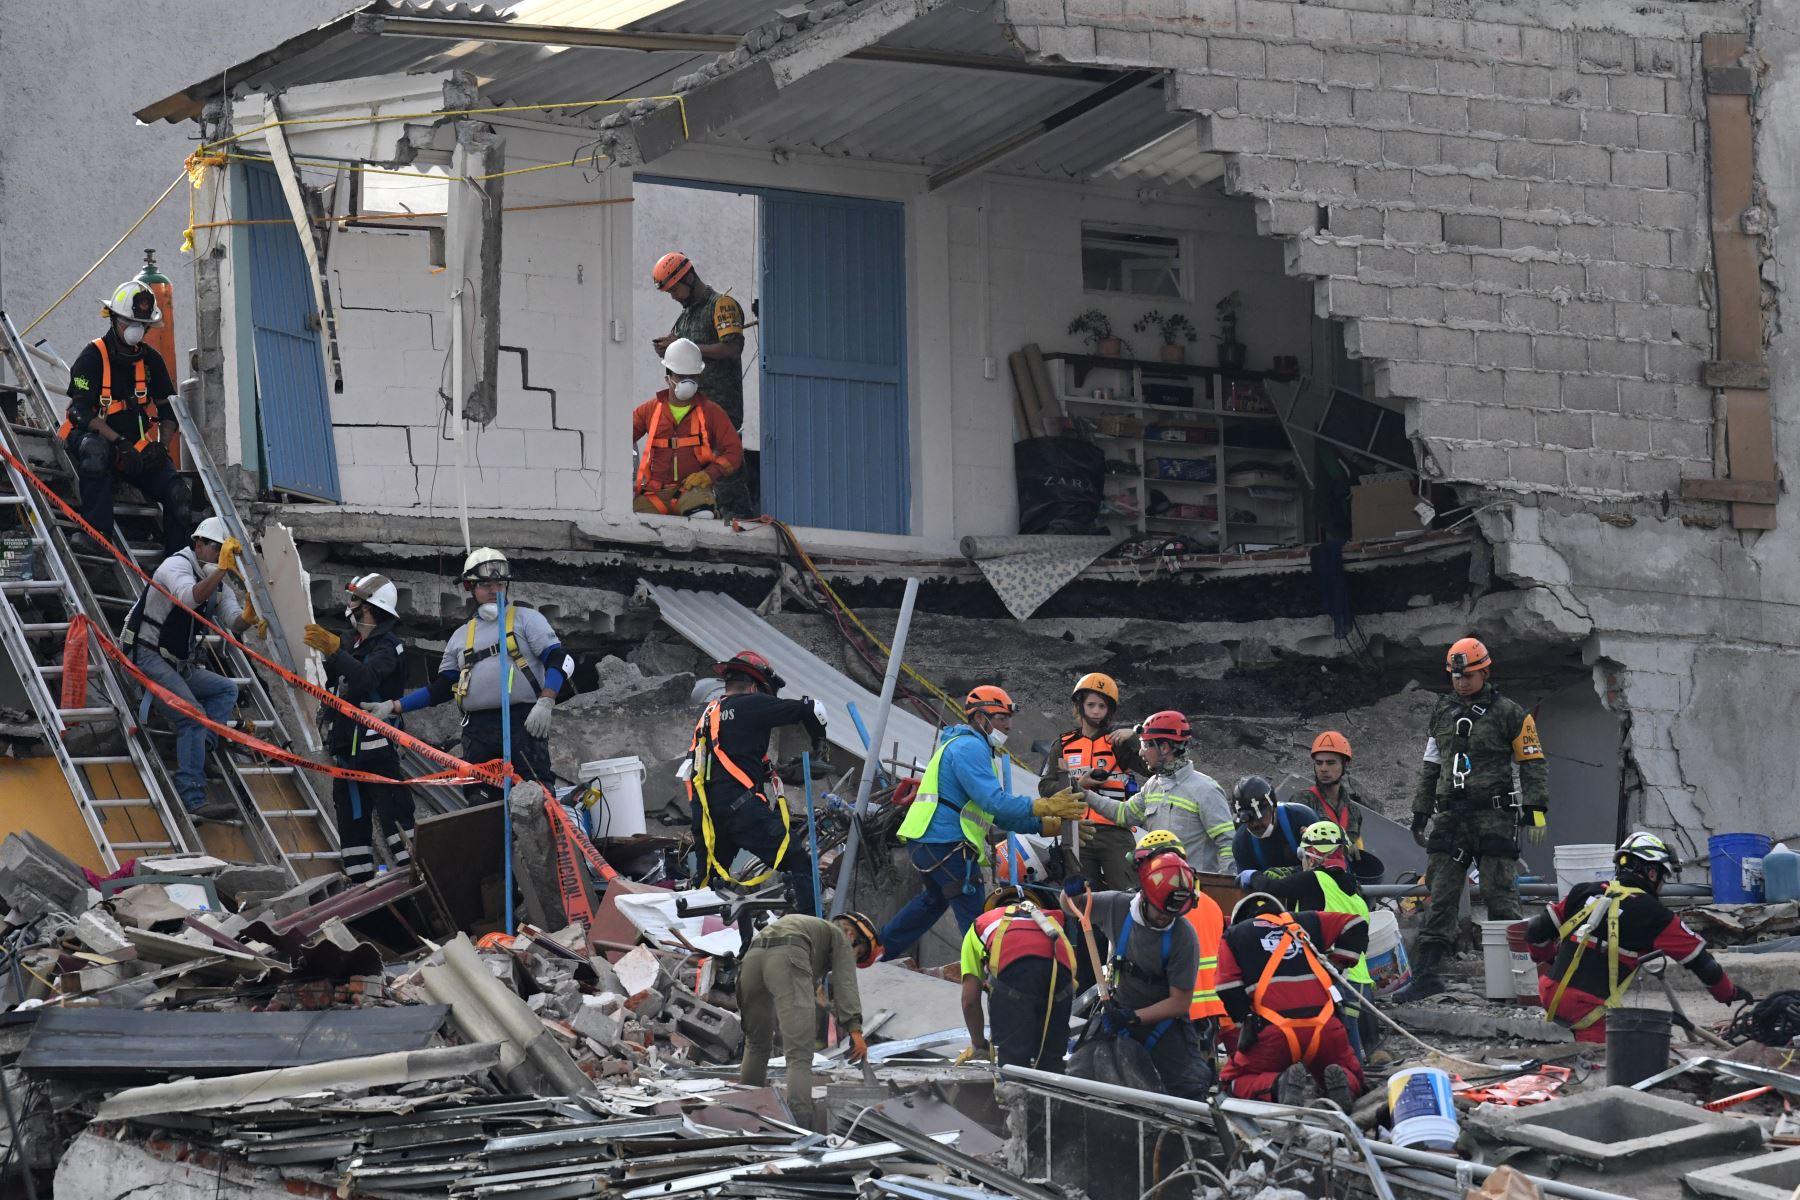 Los rescatistas buscan sobrevivientes del terremoto en la Ciudad de México.Foto:AFP